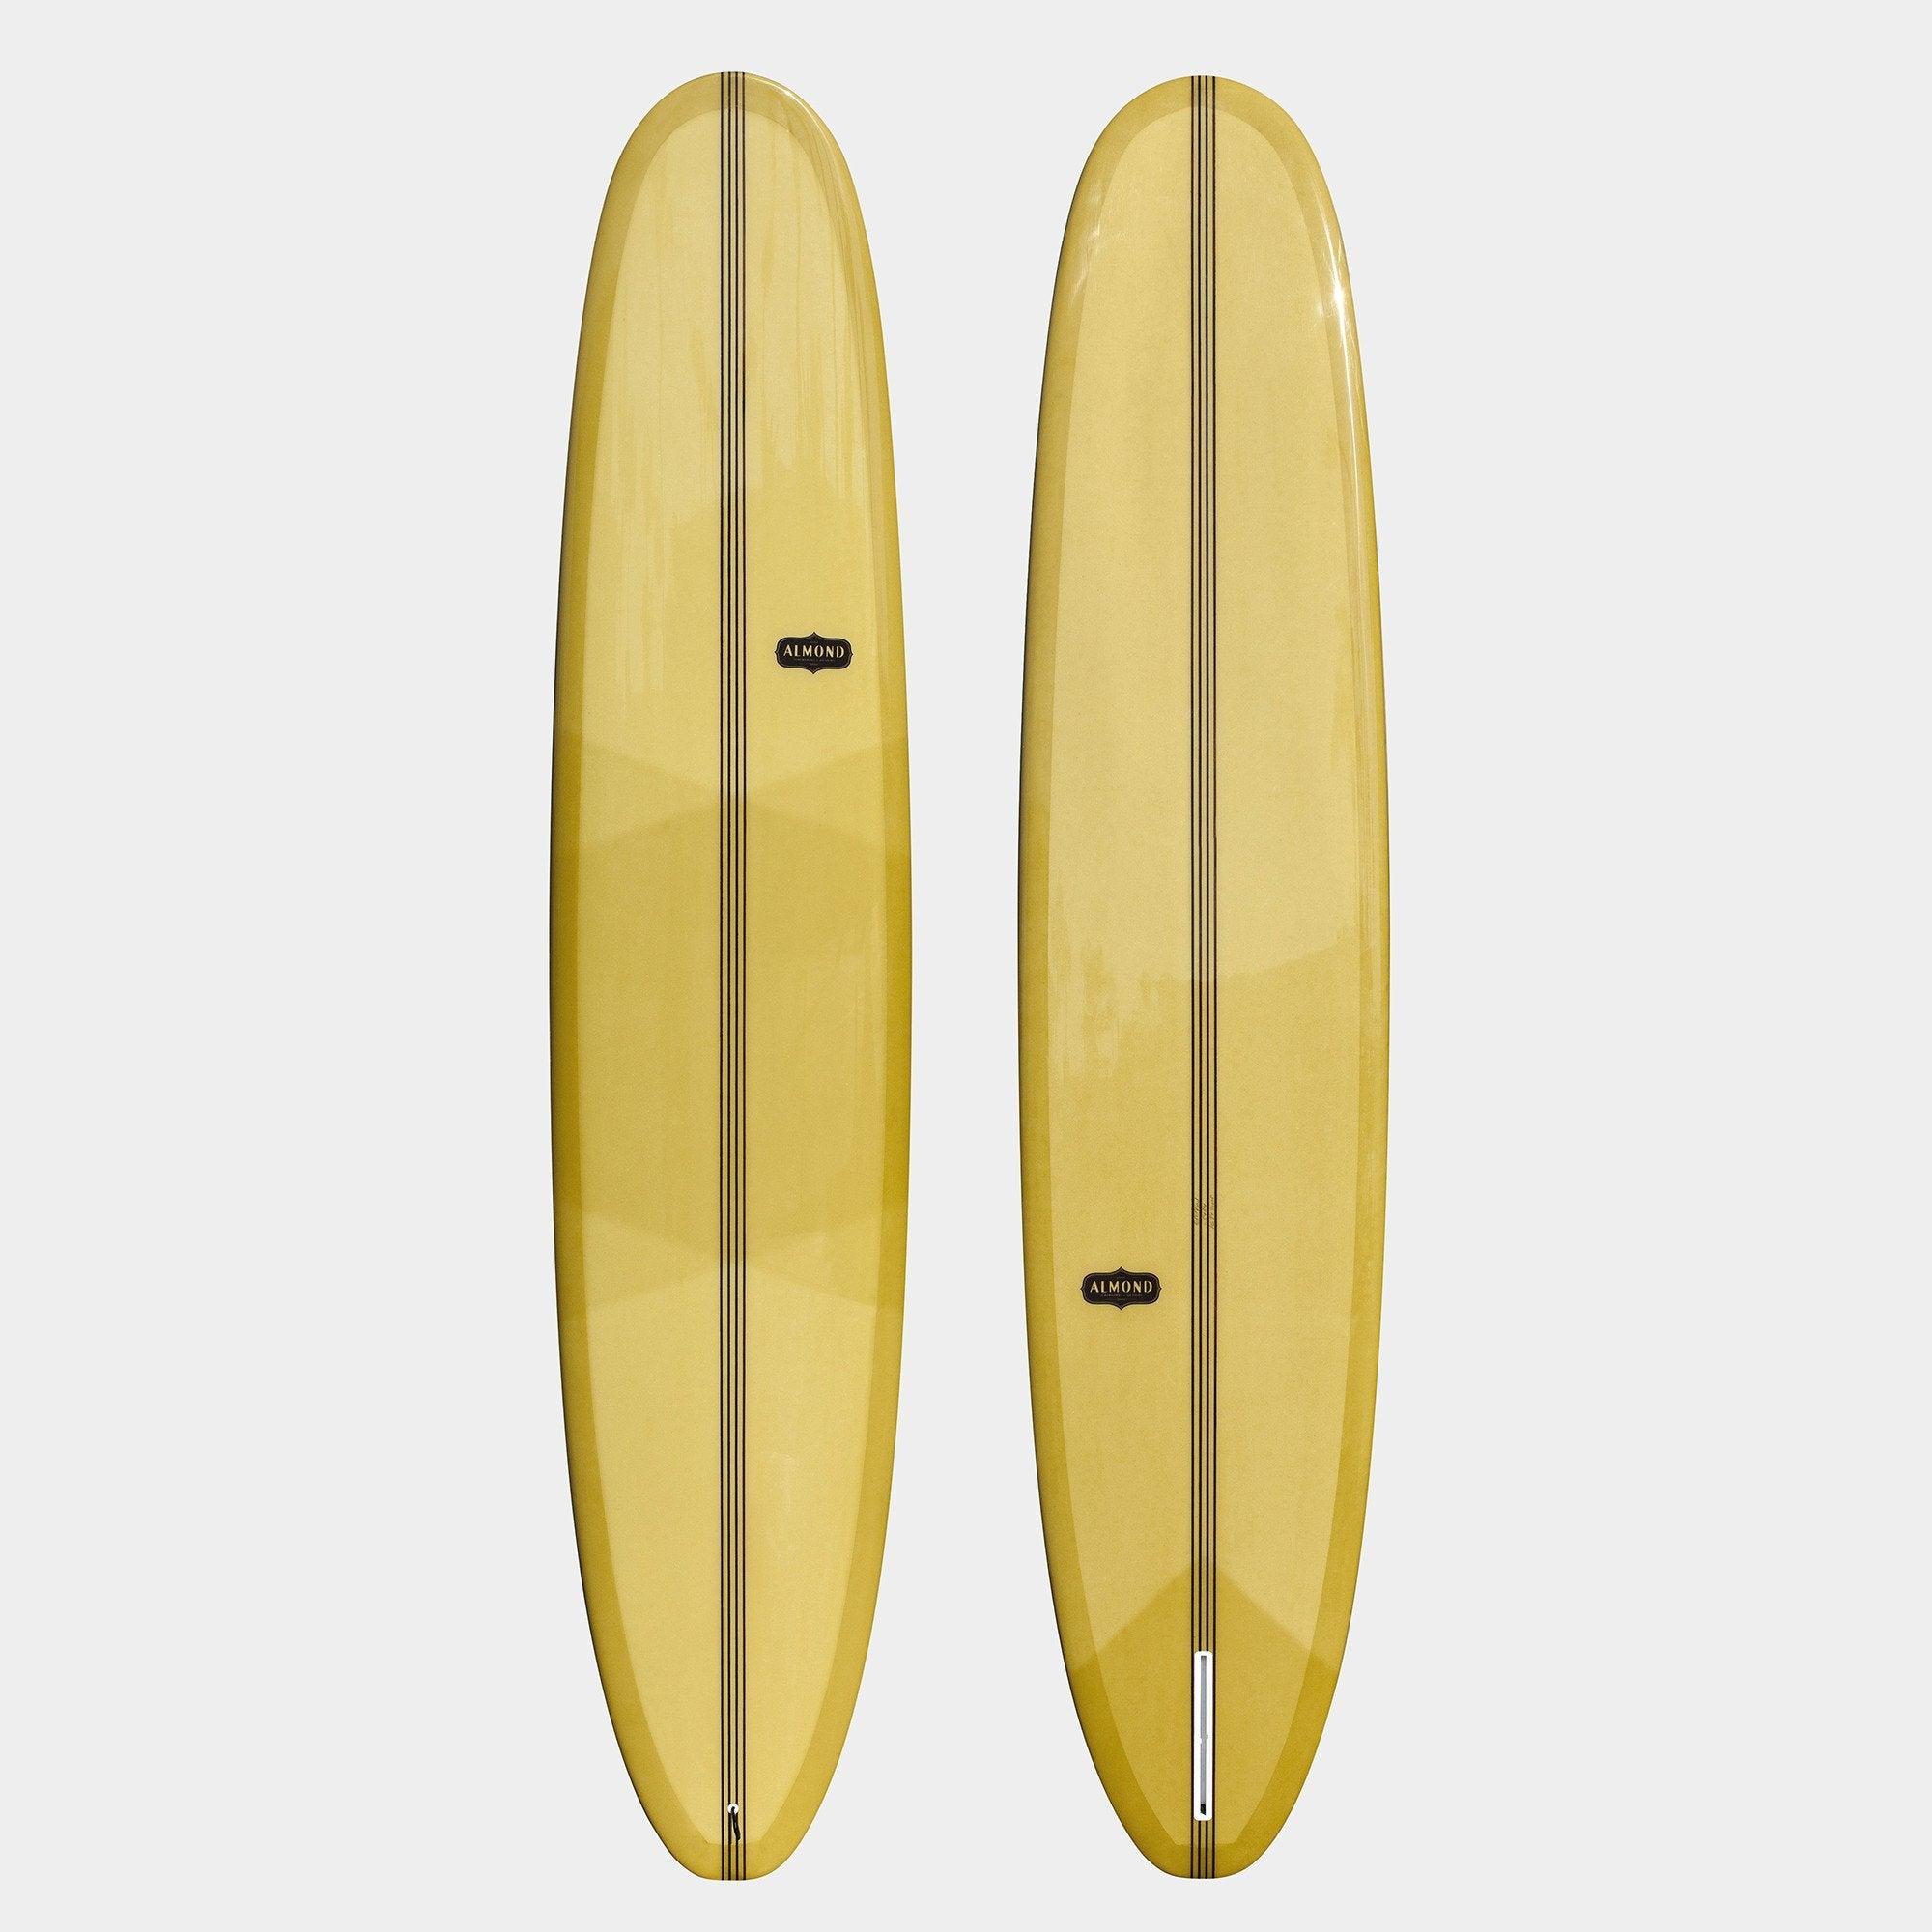 Surf_Thump_-_Quad_stringer_2000x